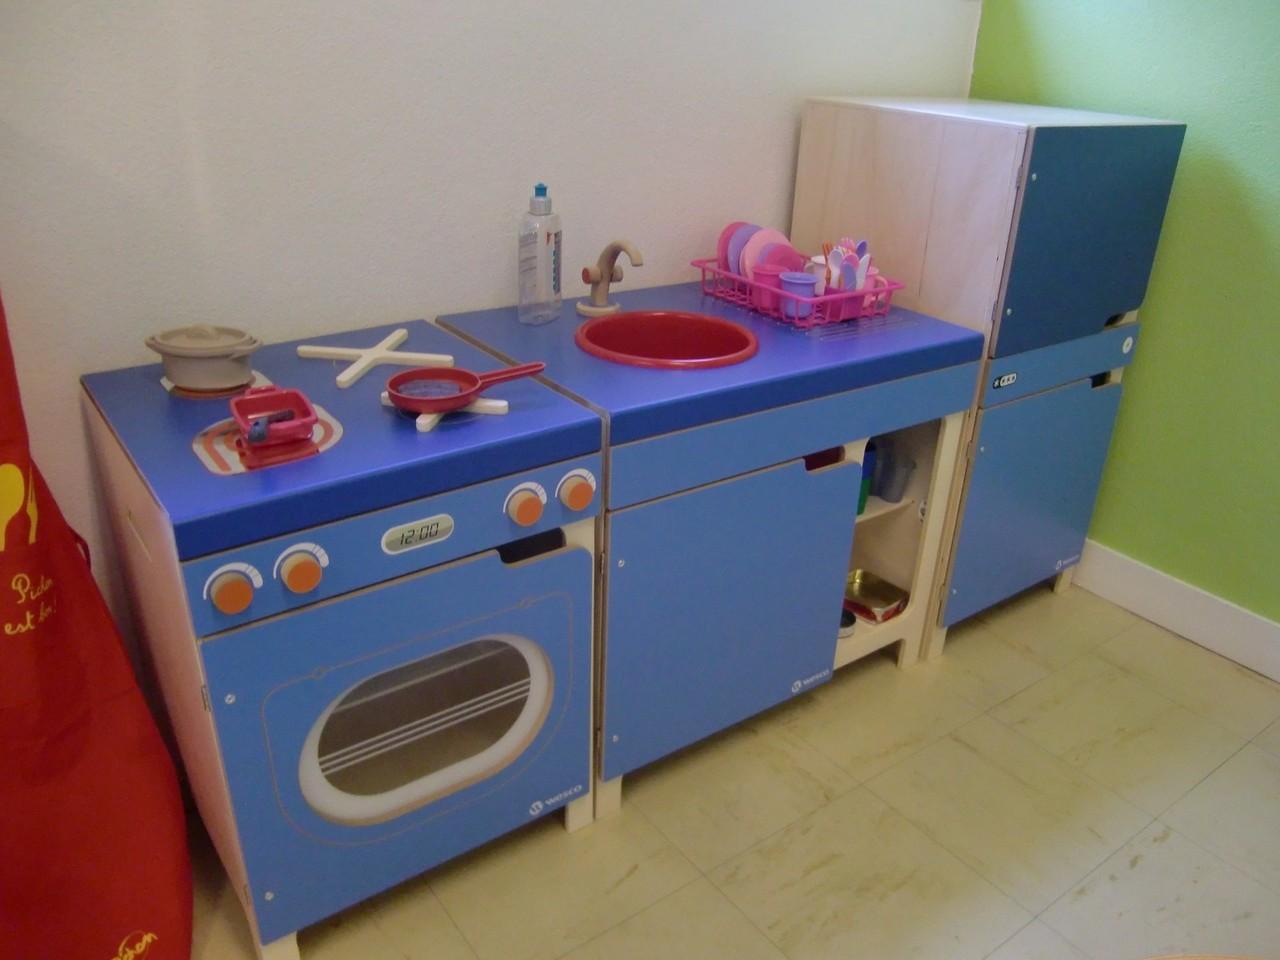 une cuisinière, un évier et un réfrigirateur